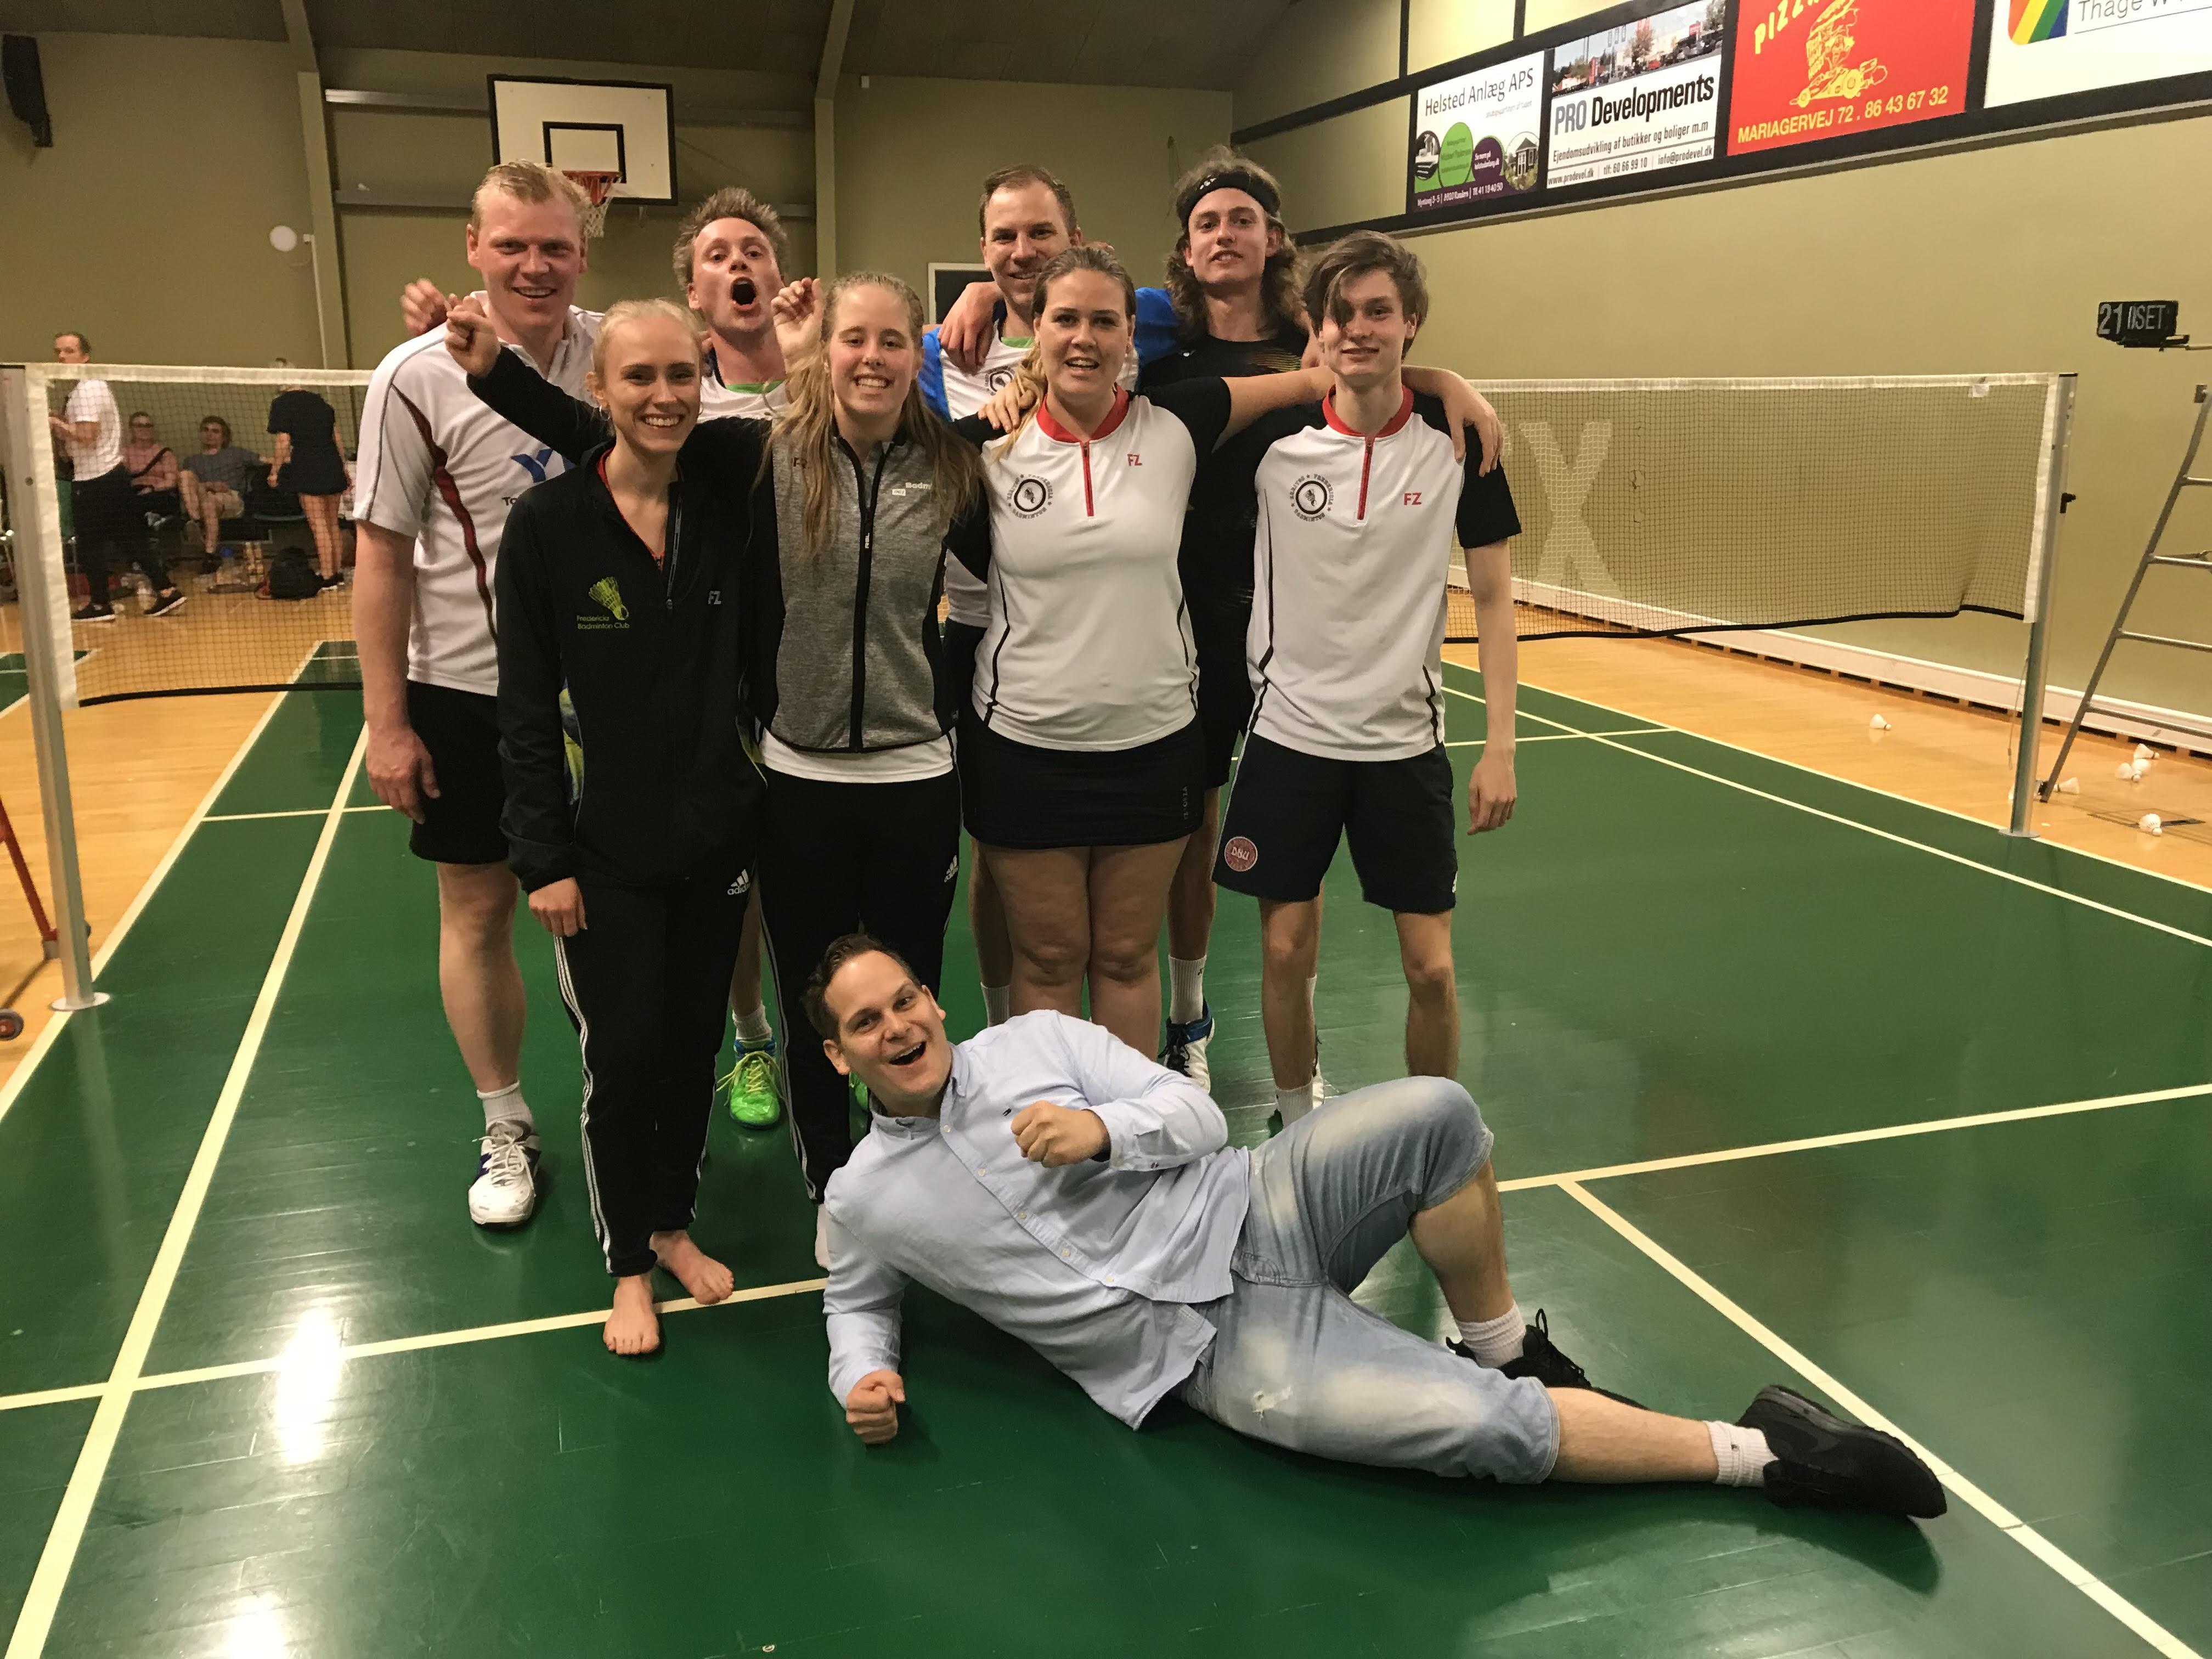 Erritsø/Fredericia sikrede historisk oprykning til Jyllandsserien